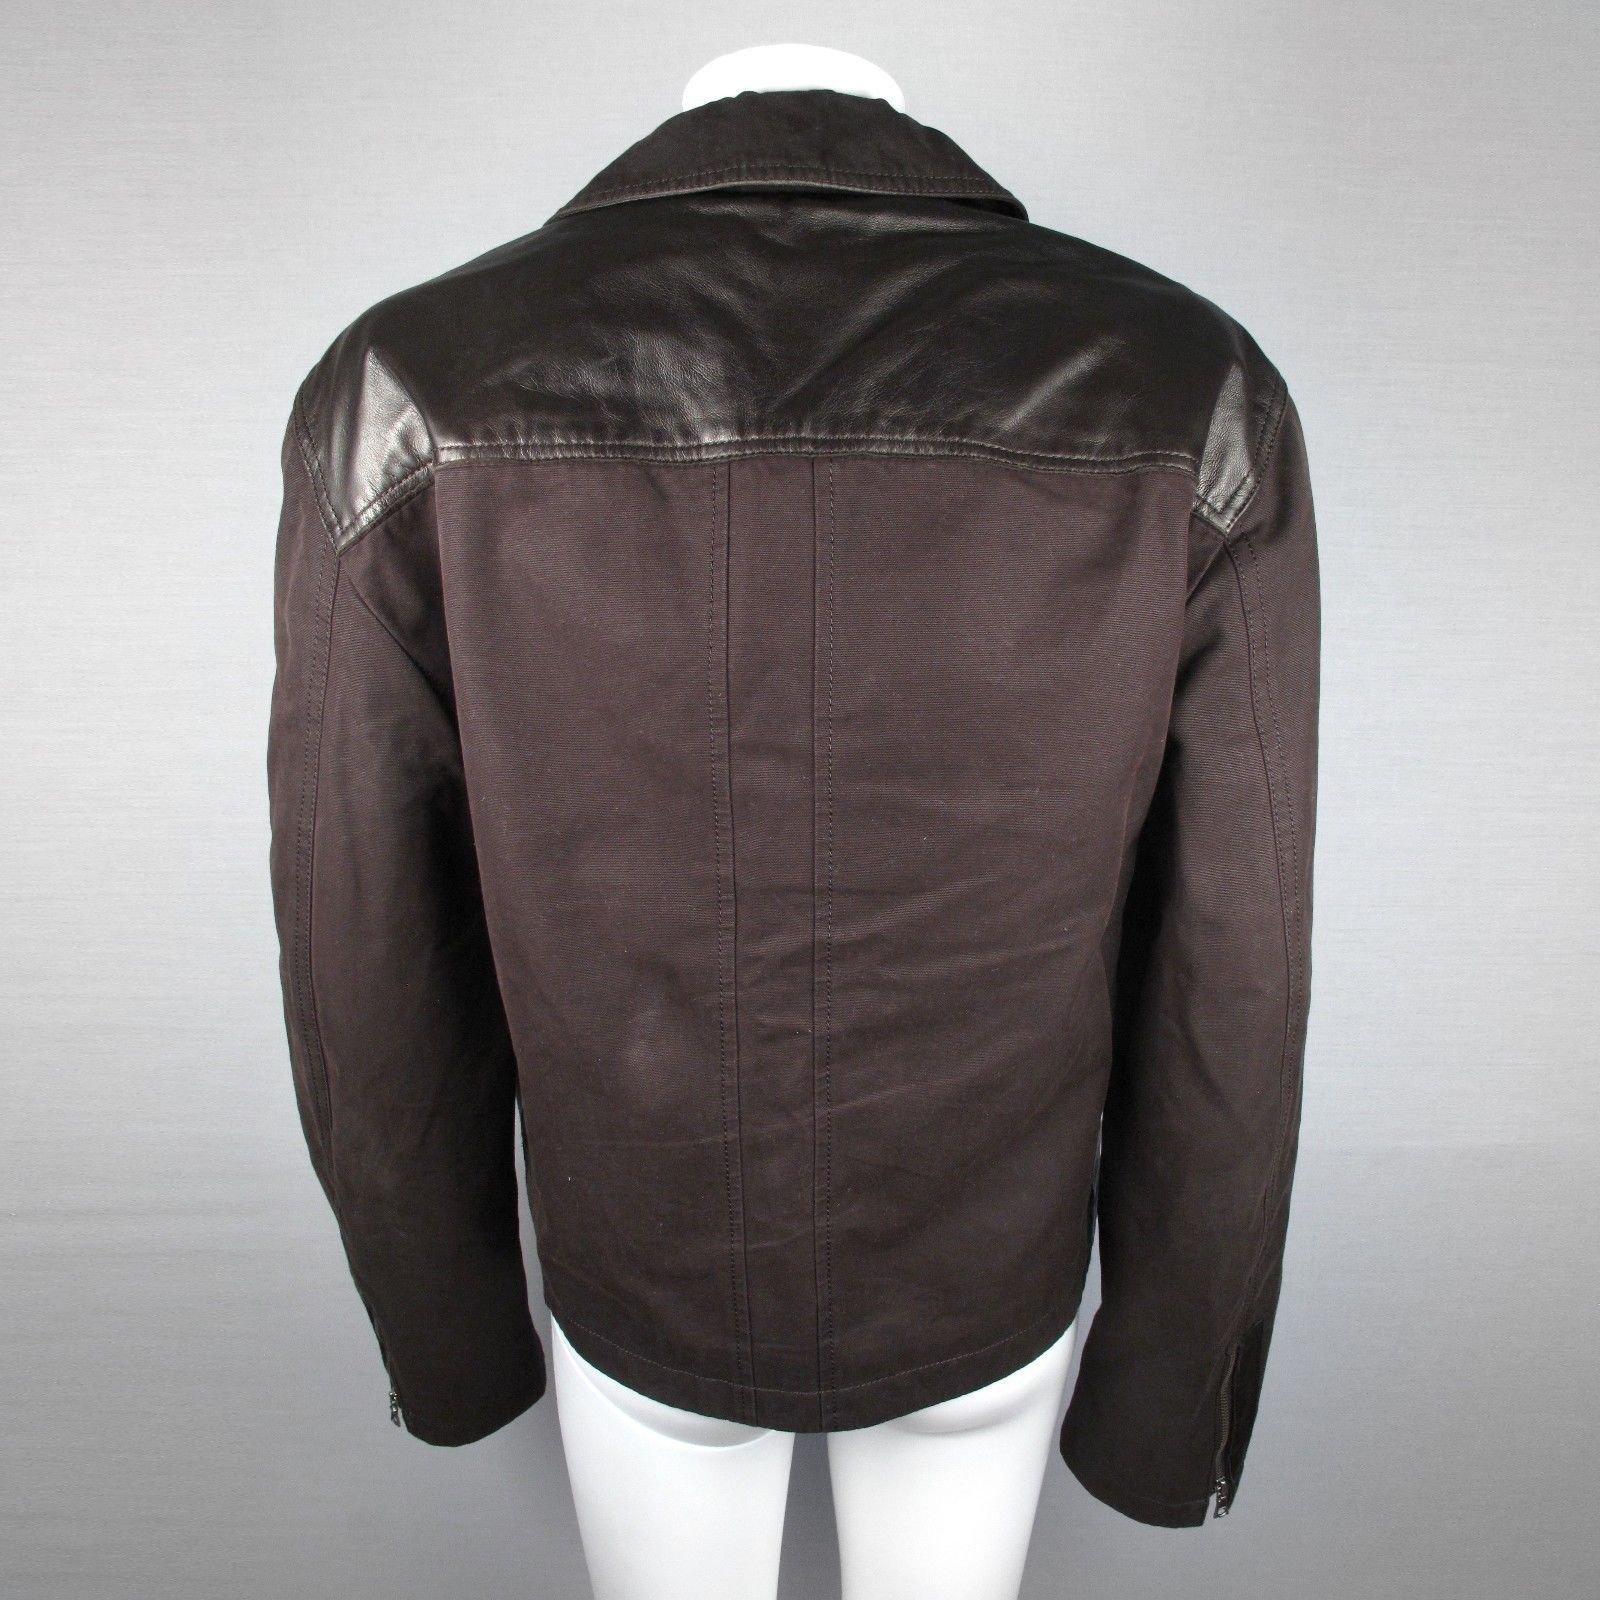 manteaux homme elie tahari veste en cuir et toile cuir marron joli closet. Black Bedroom Furniture Sets. Home Design Ideas